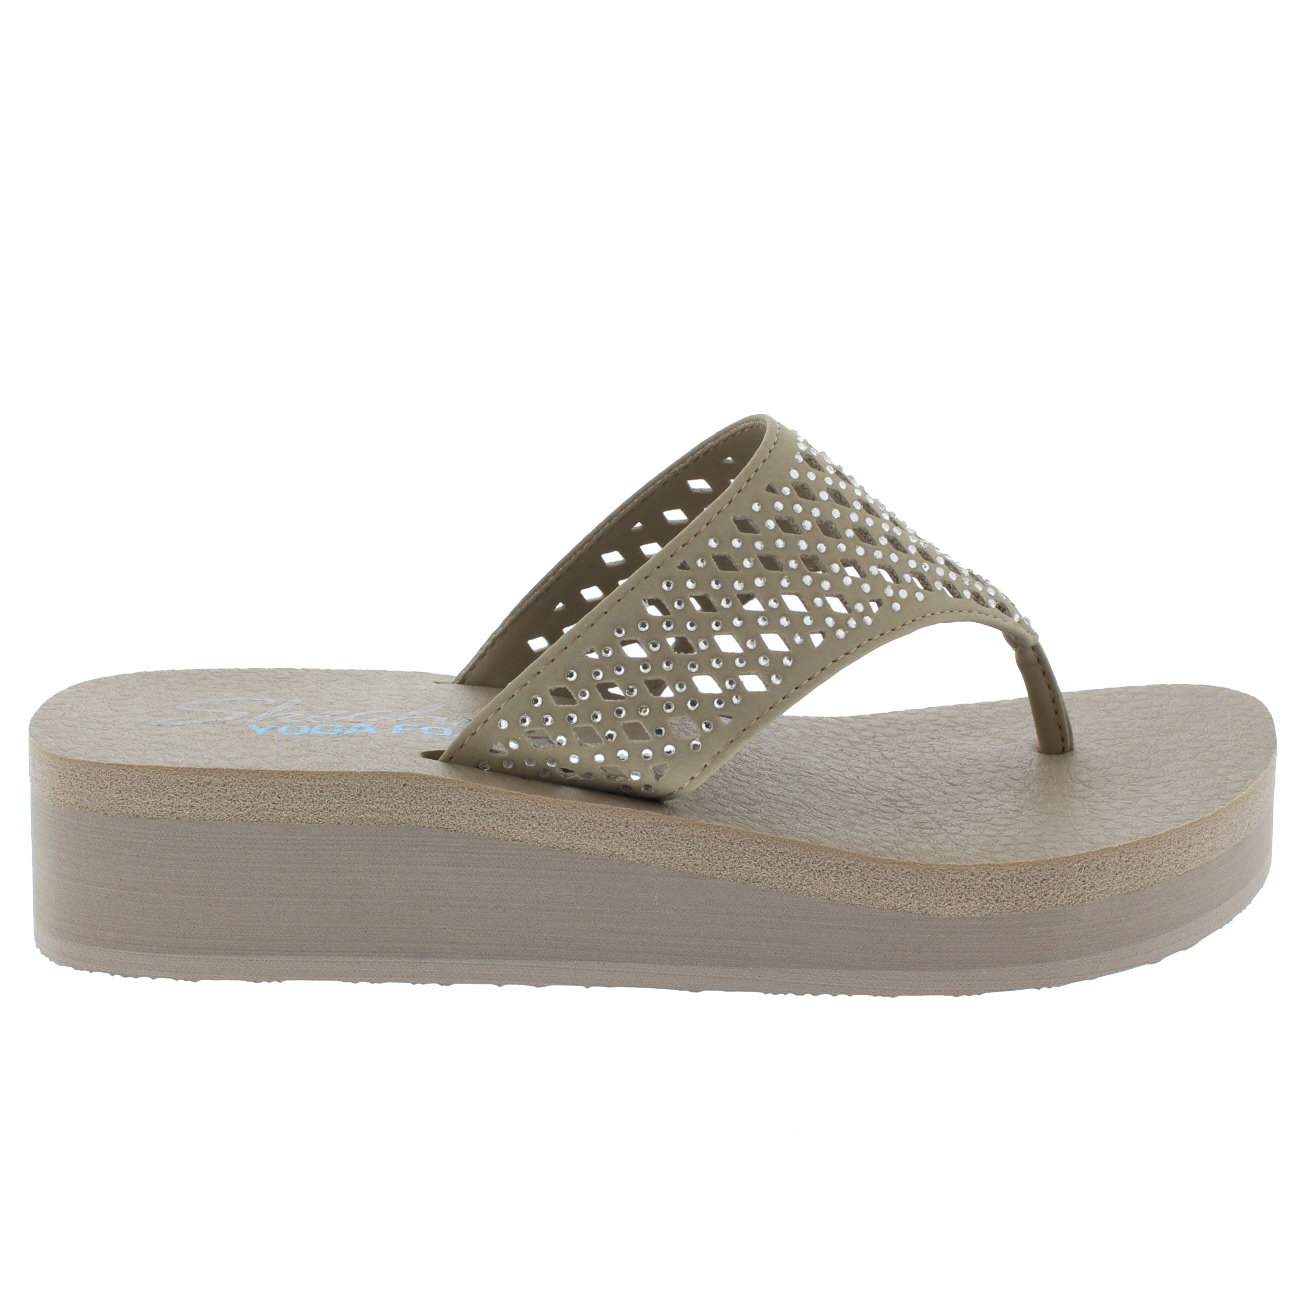 f2971ca3aba Details about Ladies Skechers Vinyasa Flow Sandals Toe Post Thong Platform  Flip Flop All Sizes